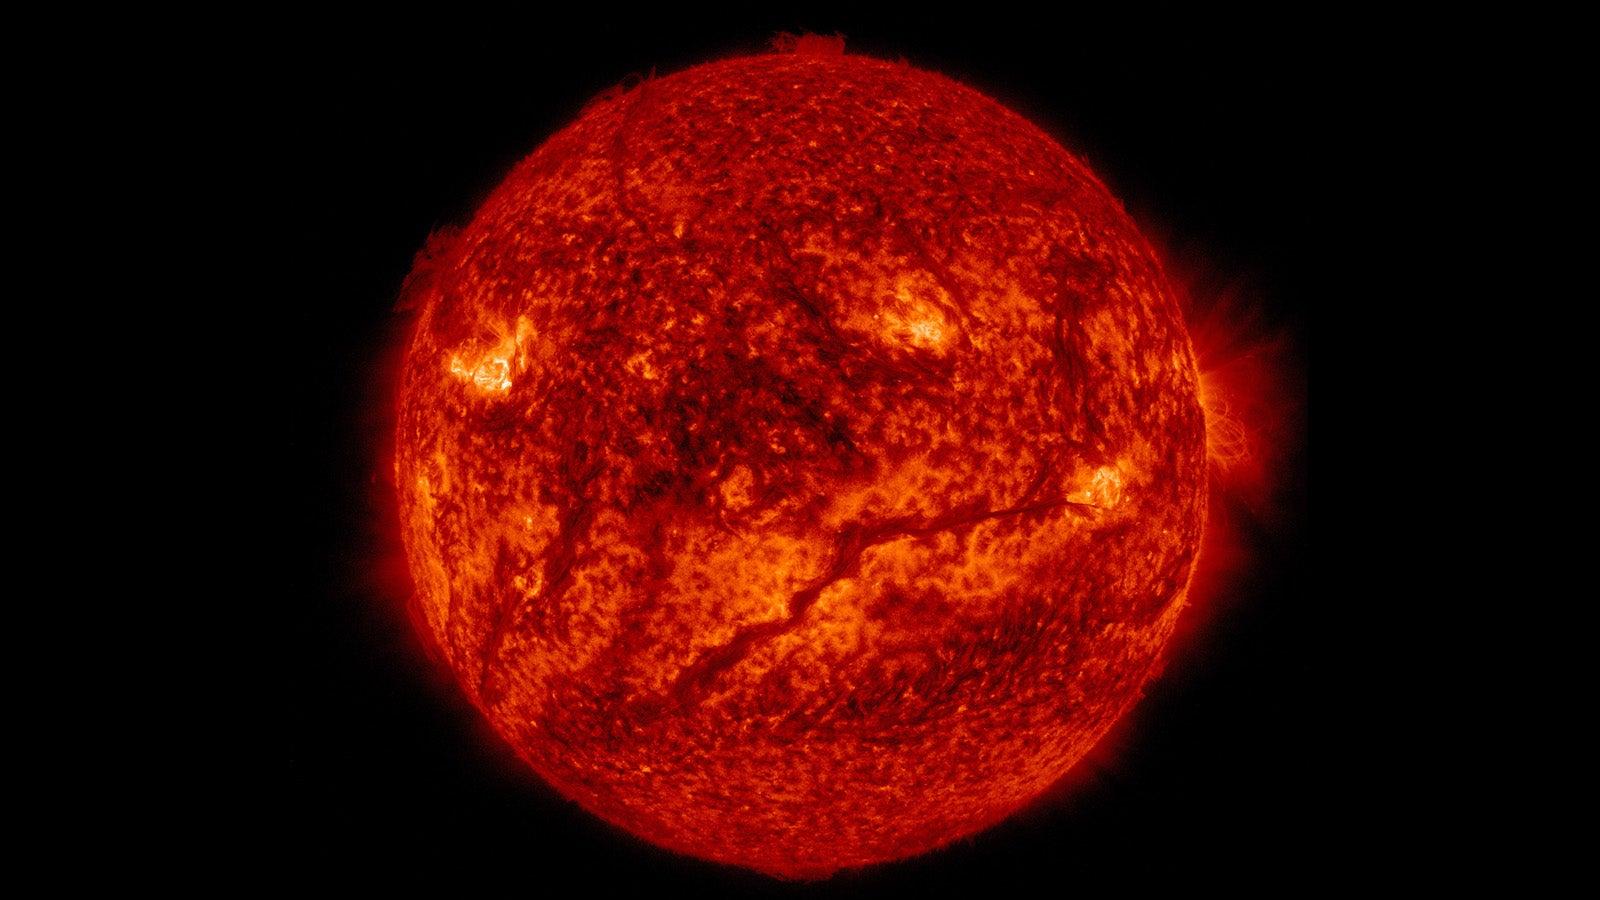 Hey Sun, Why So Serious?